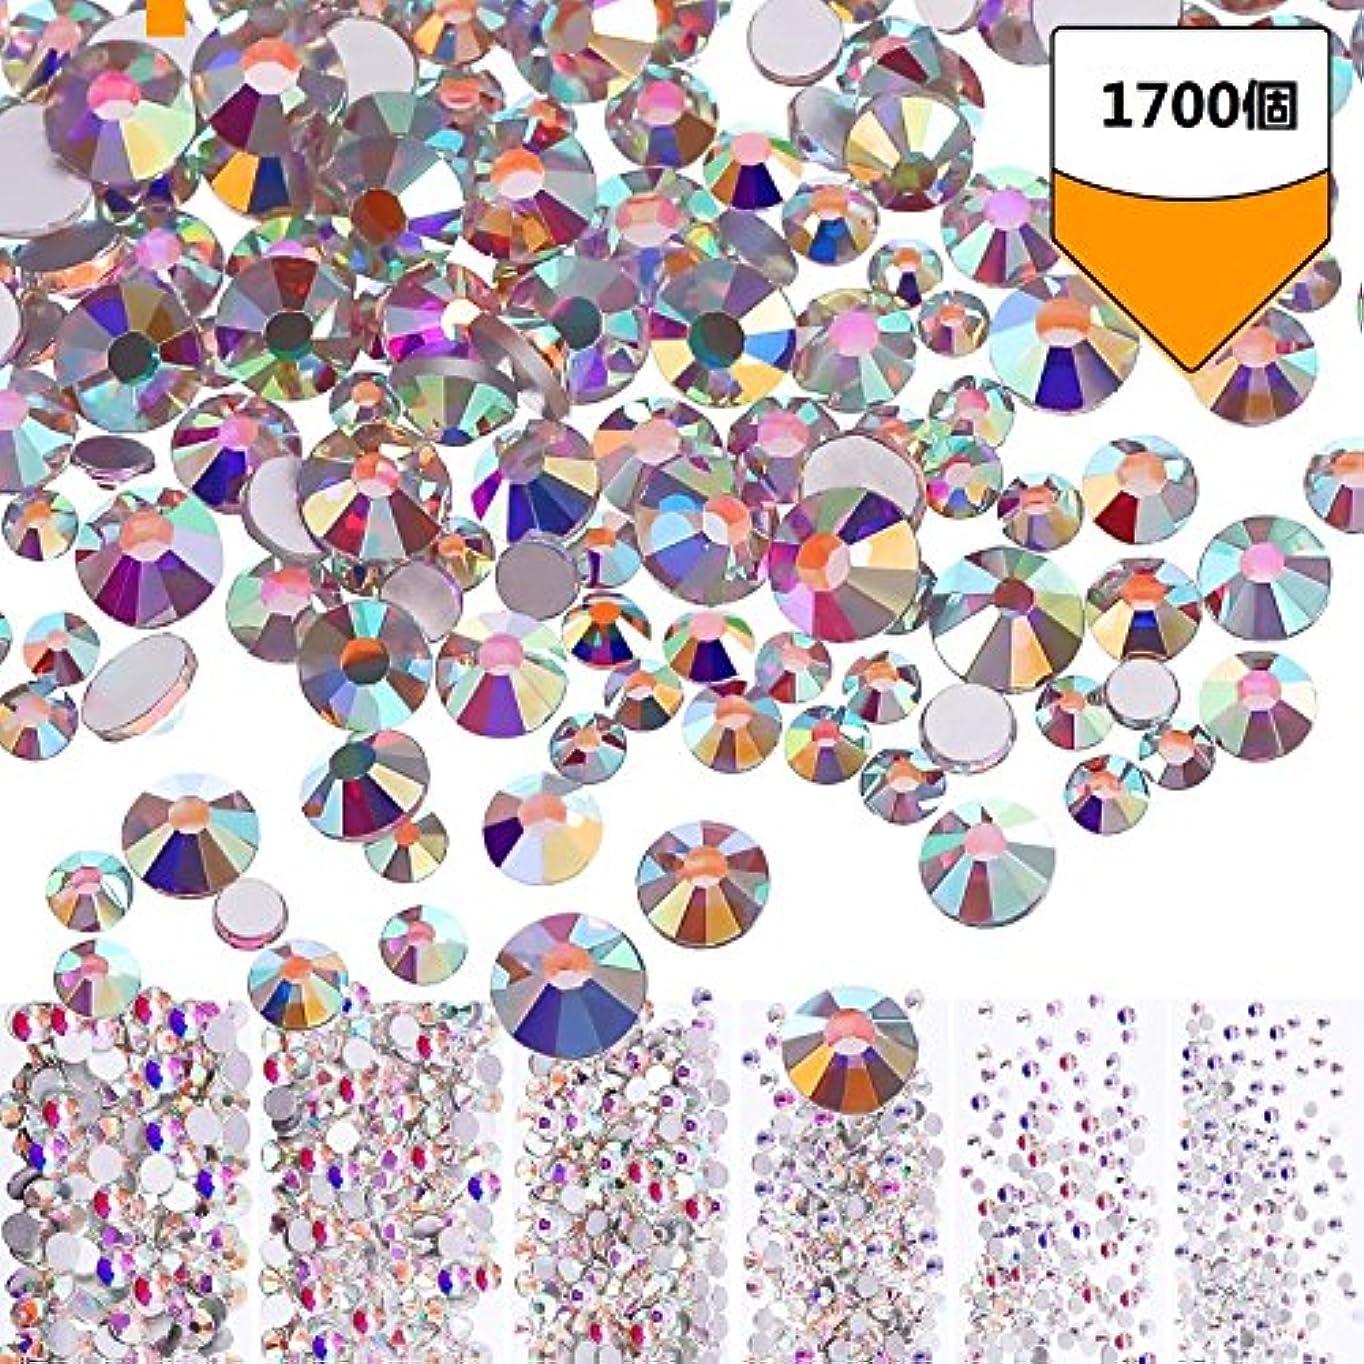 暗黙レンディション不誠実ラインストーン ネイル デコ ガラスストーン クリスタル 改良 高品質ガラス製ラインストーン(1.6mm-3mm 約1700粒)